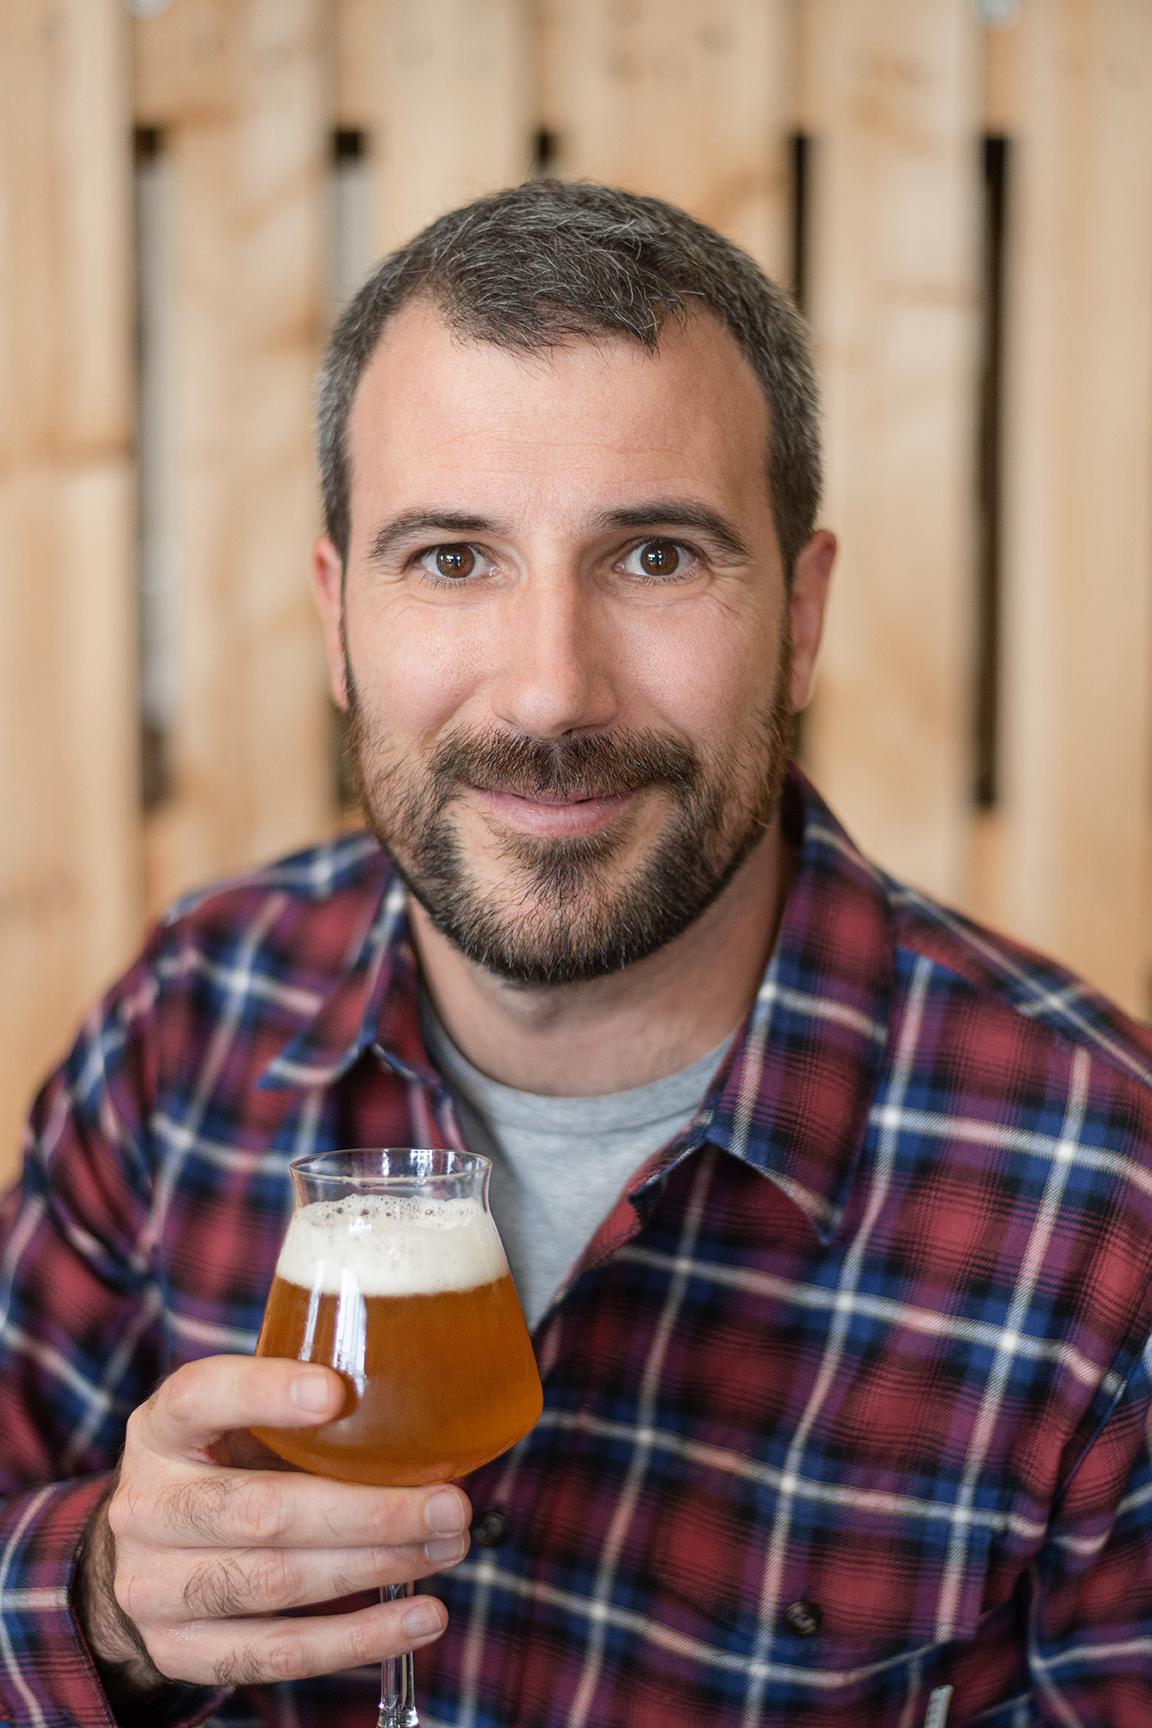 https://beersensorium.com/wp-content/uploads/2019/11/Benjamin-Caubet-Beer-Sensorium-LLR_photographie-3light.jpg